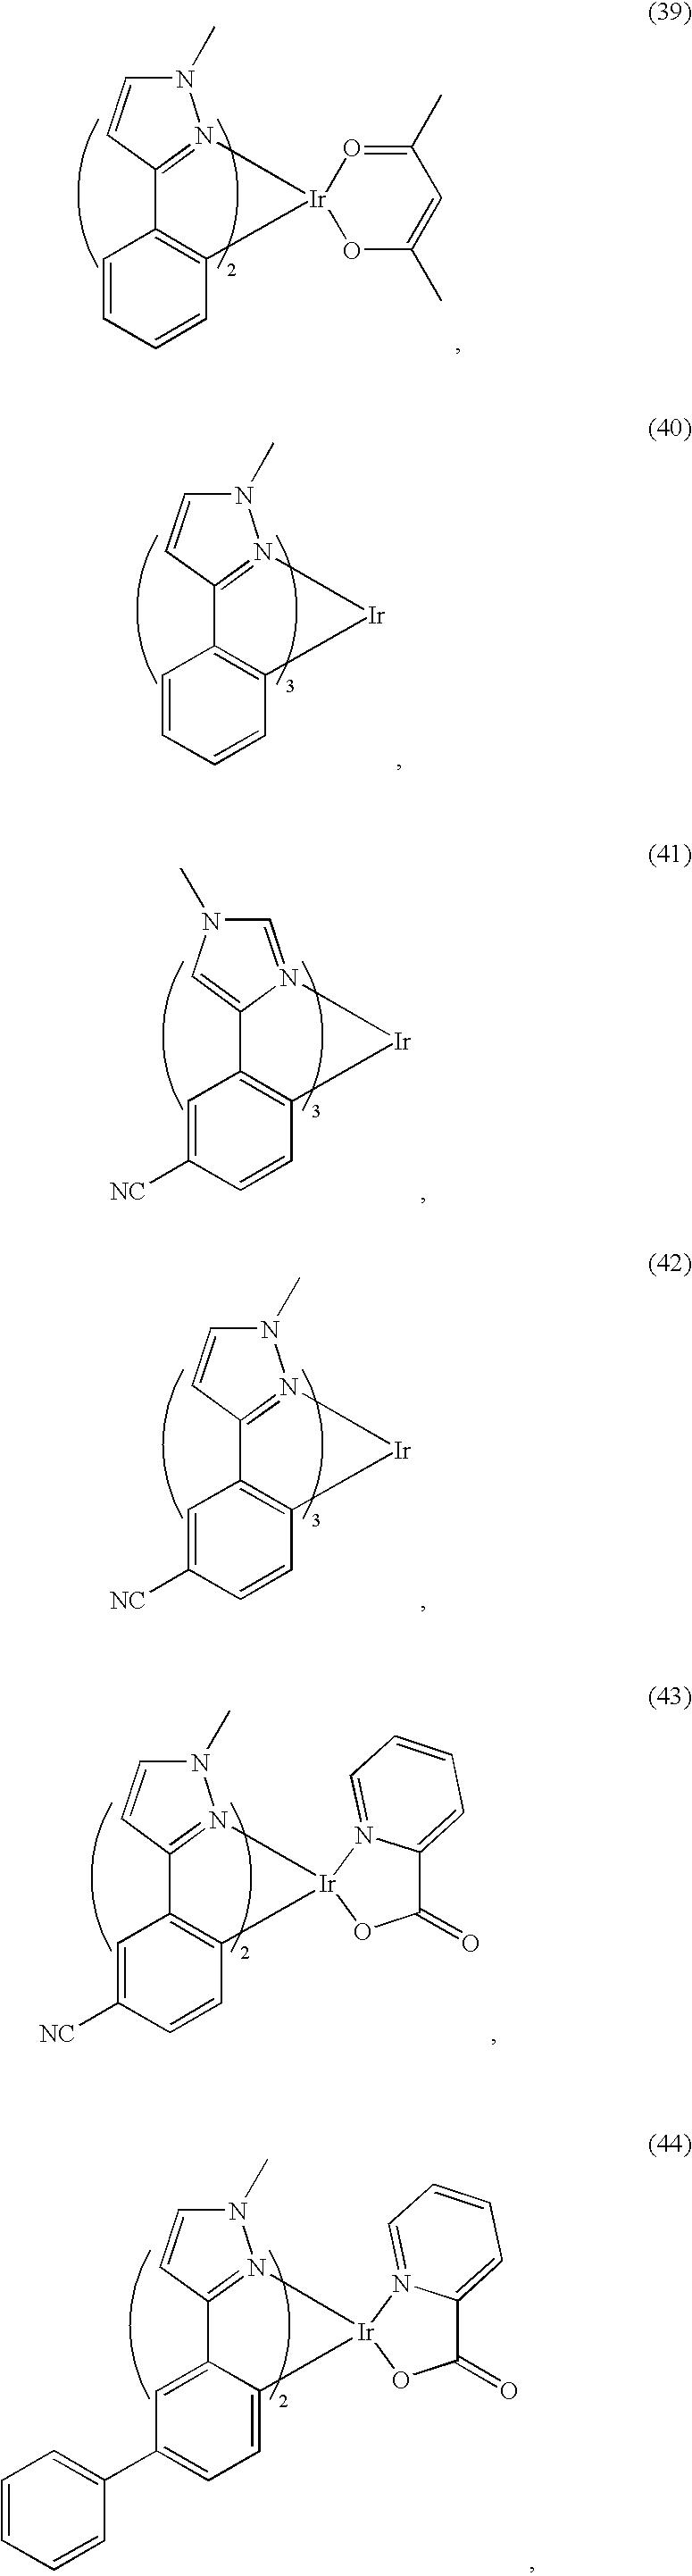 Figure US20050031903A1-20050210-C00022